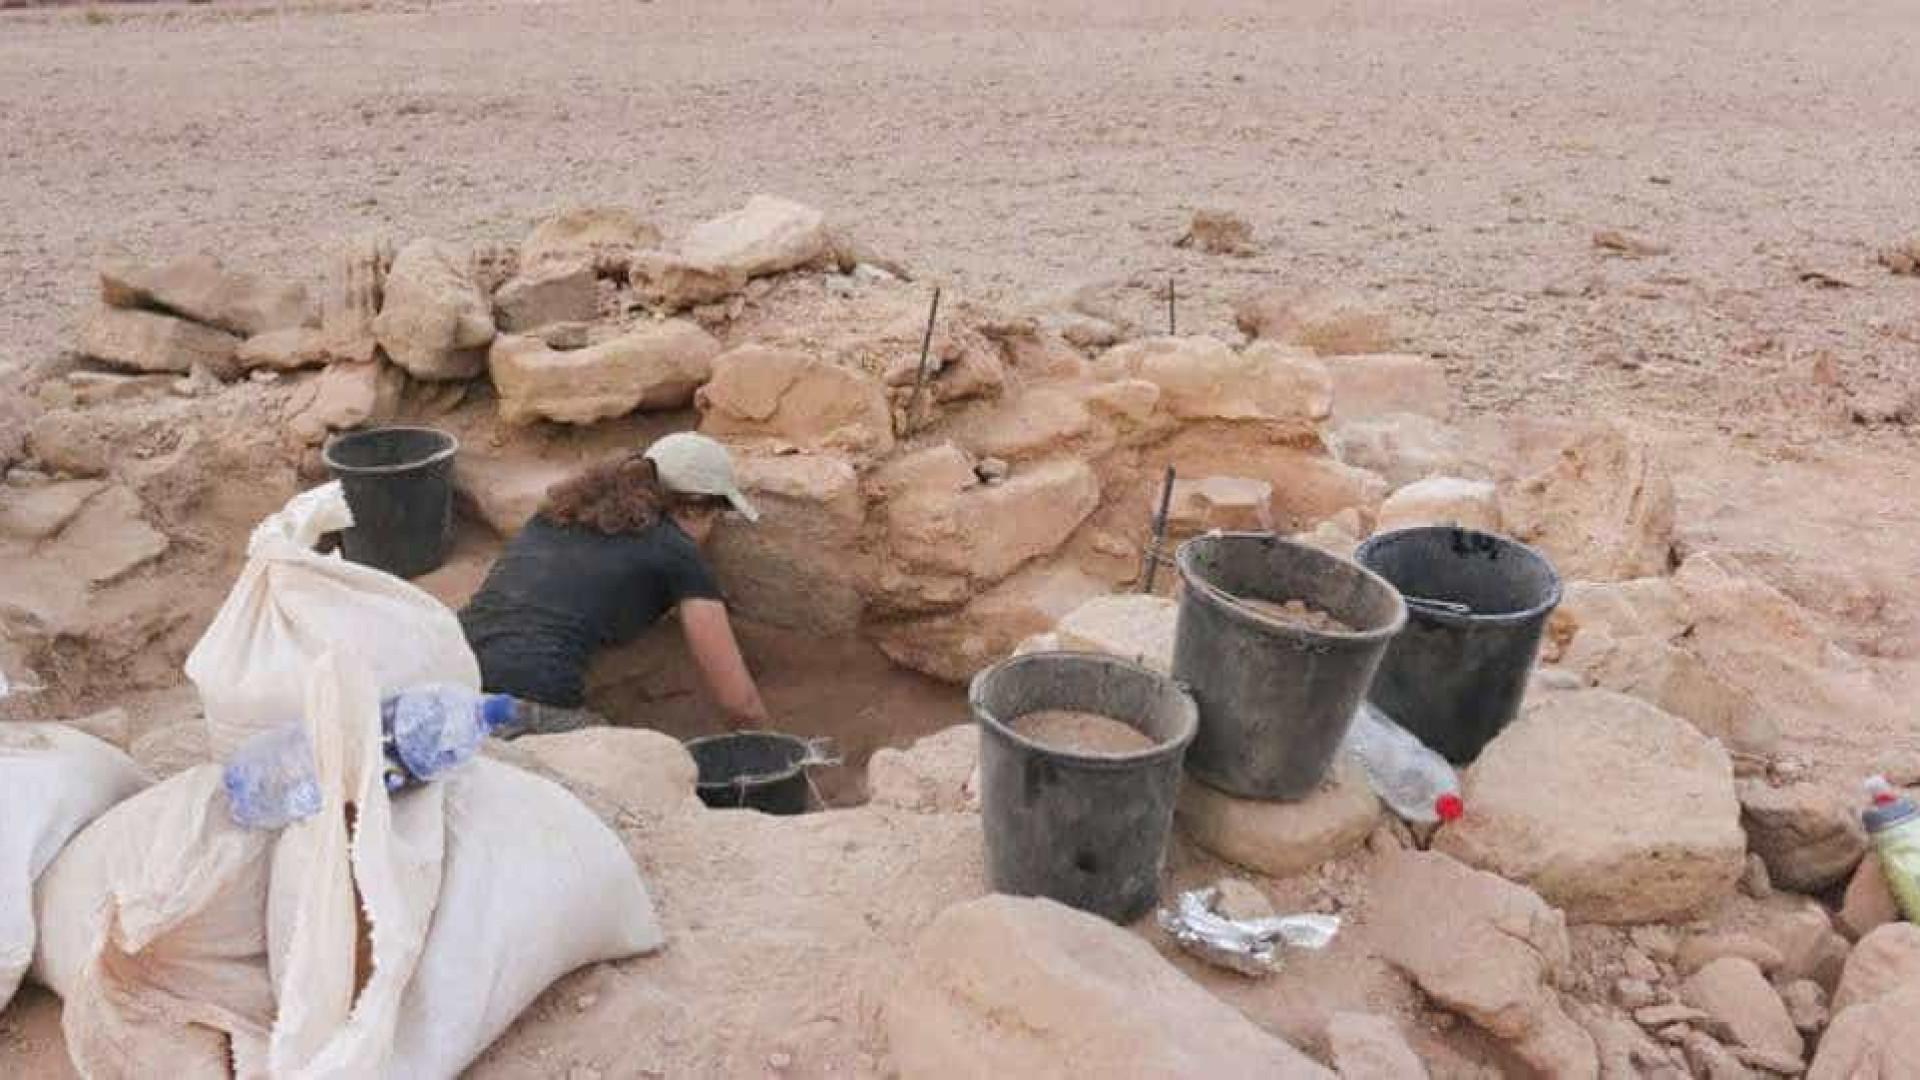 Arqueólogos encontram restos humanos nas 'minas do rei Salomão'